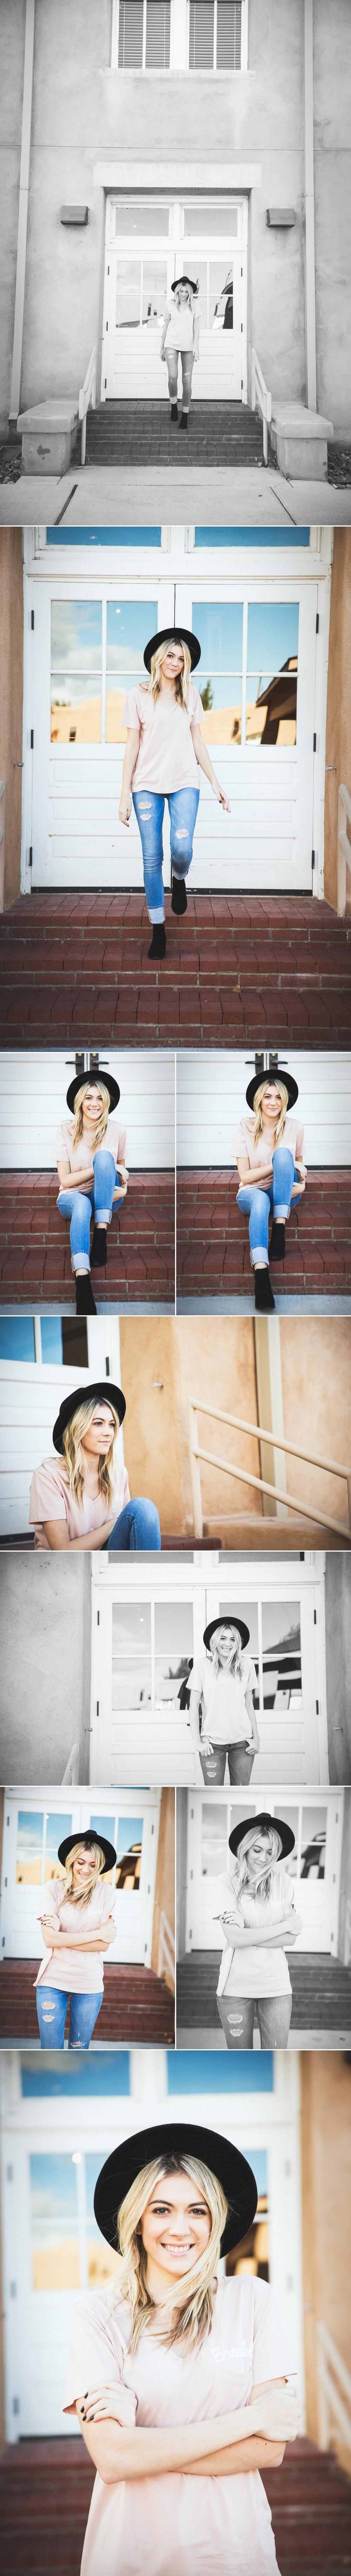 Emily Neal 2.jpg